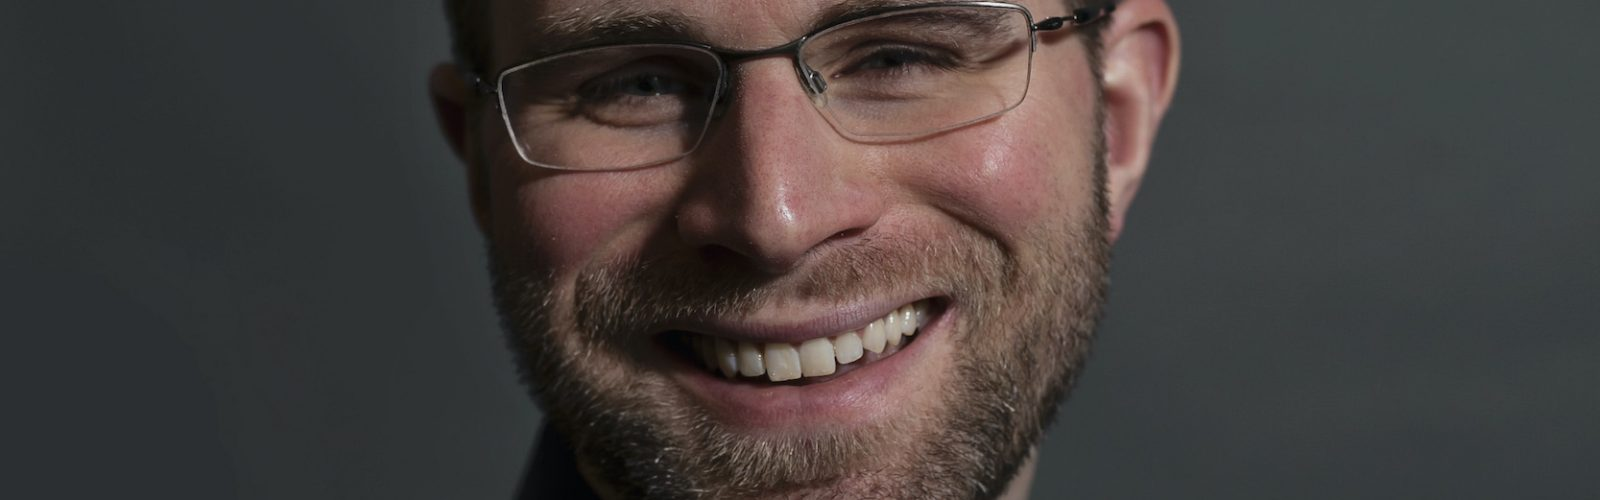 Karl smiling